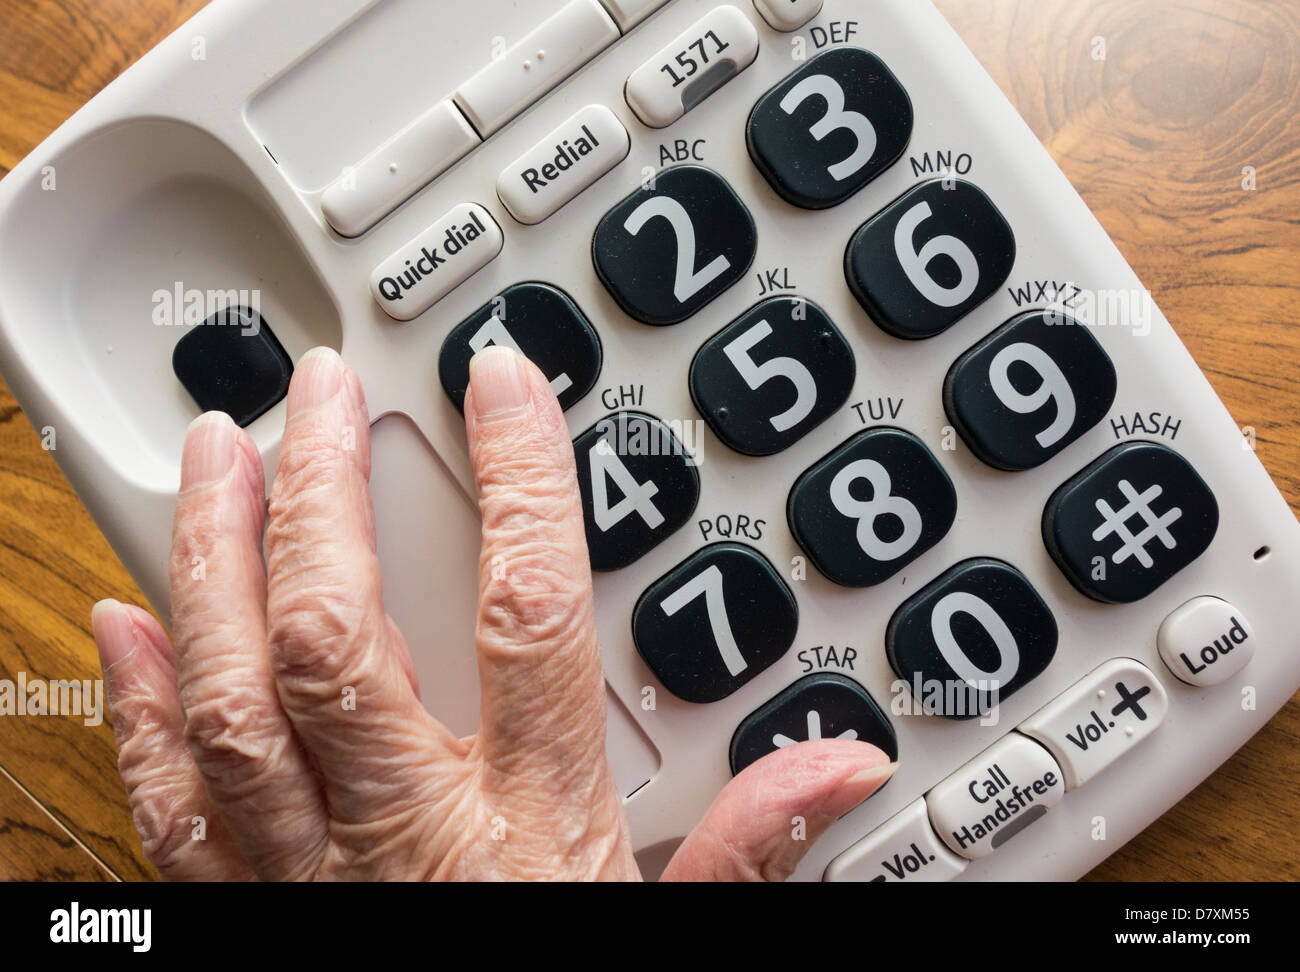 Anciana con visión disminuida pulsando el número 1 en gran botón teléfono Imagen De Stock